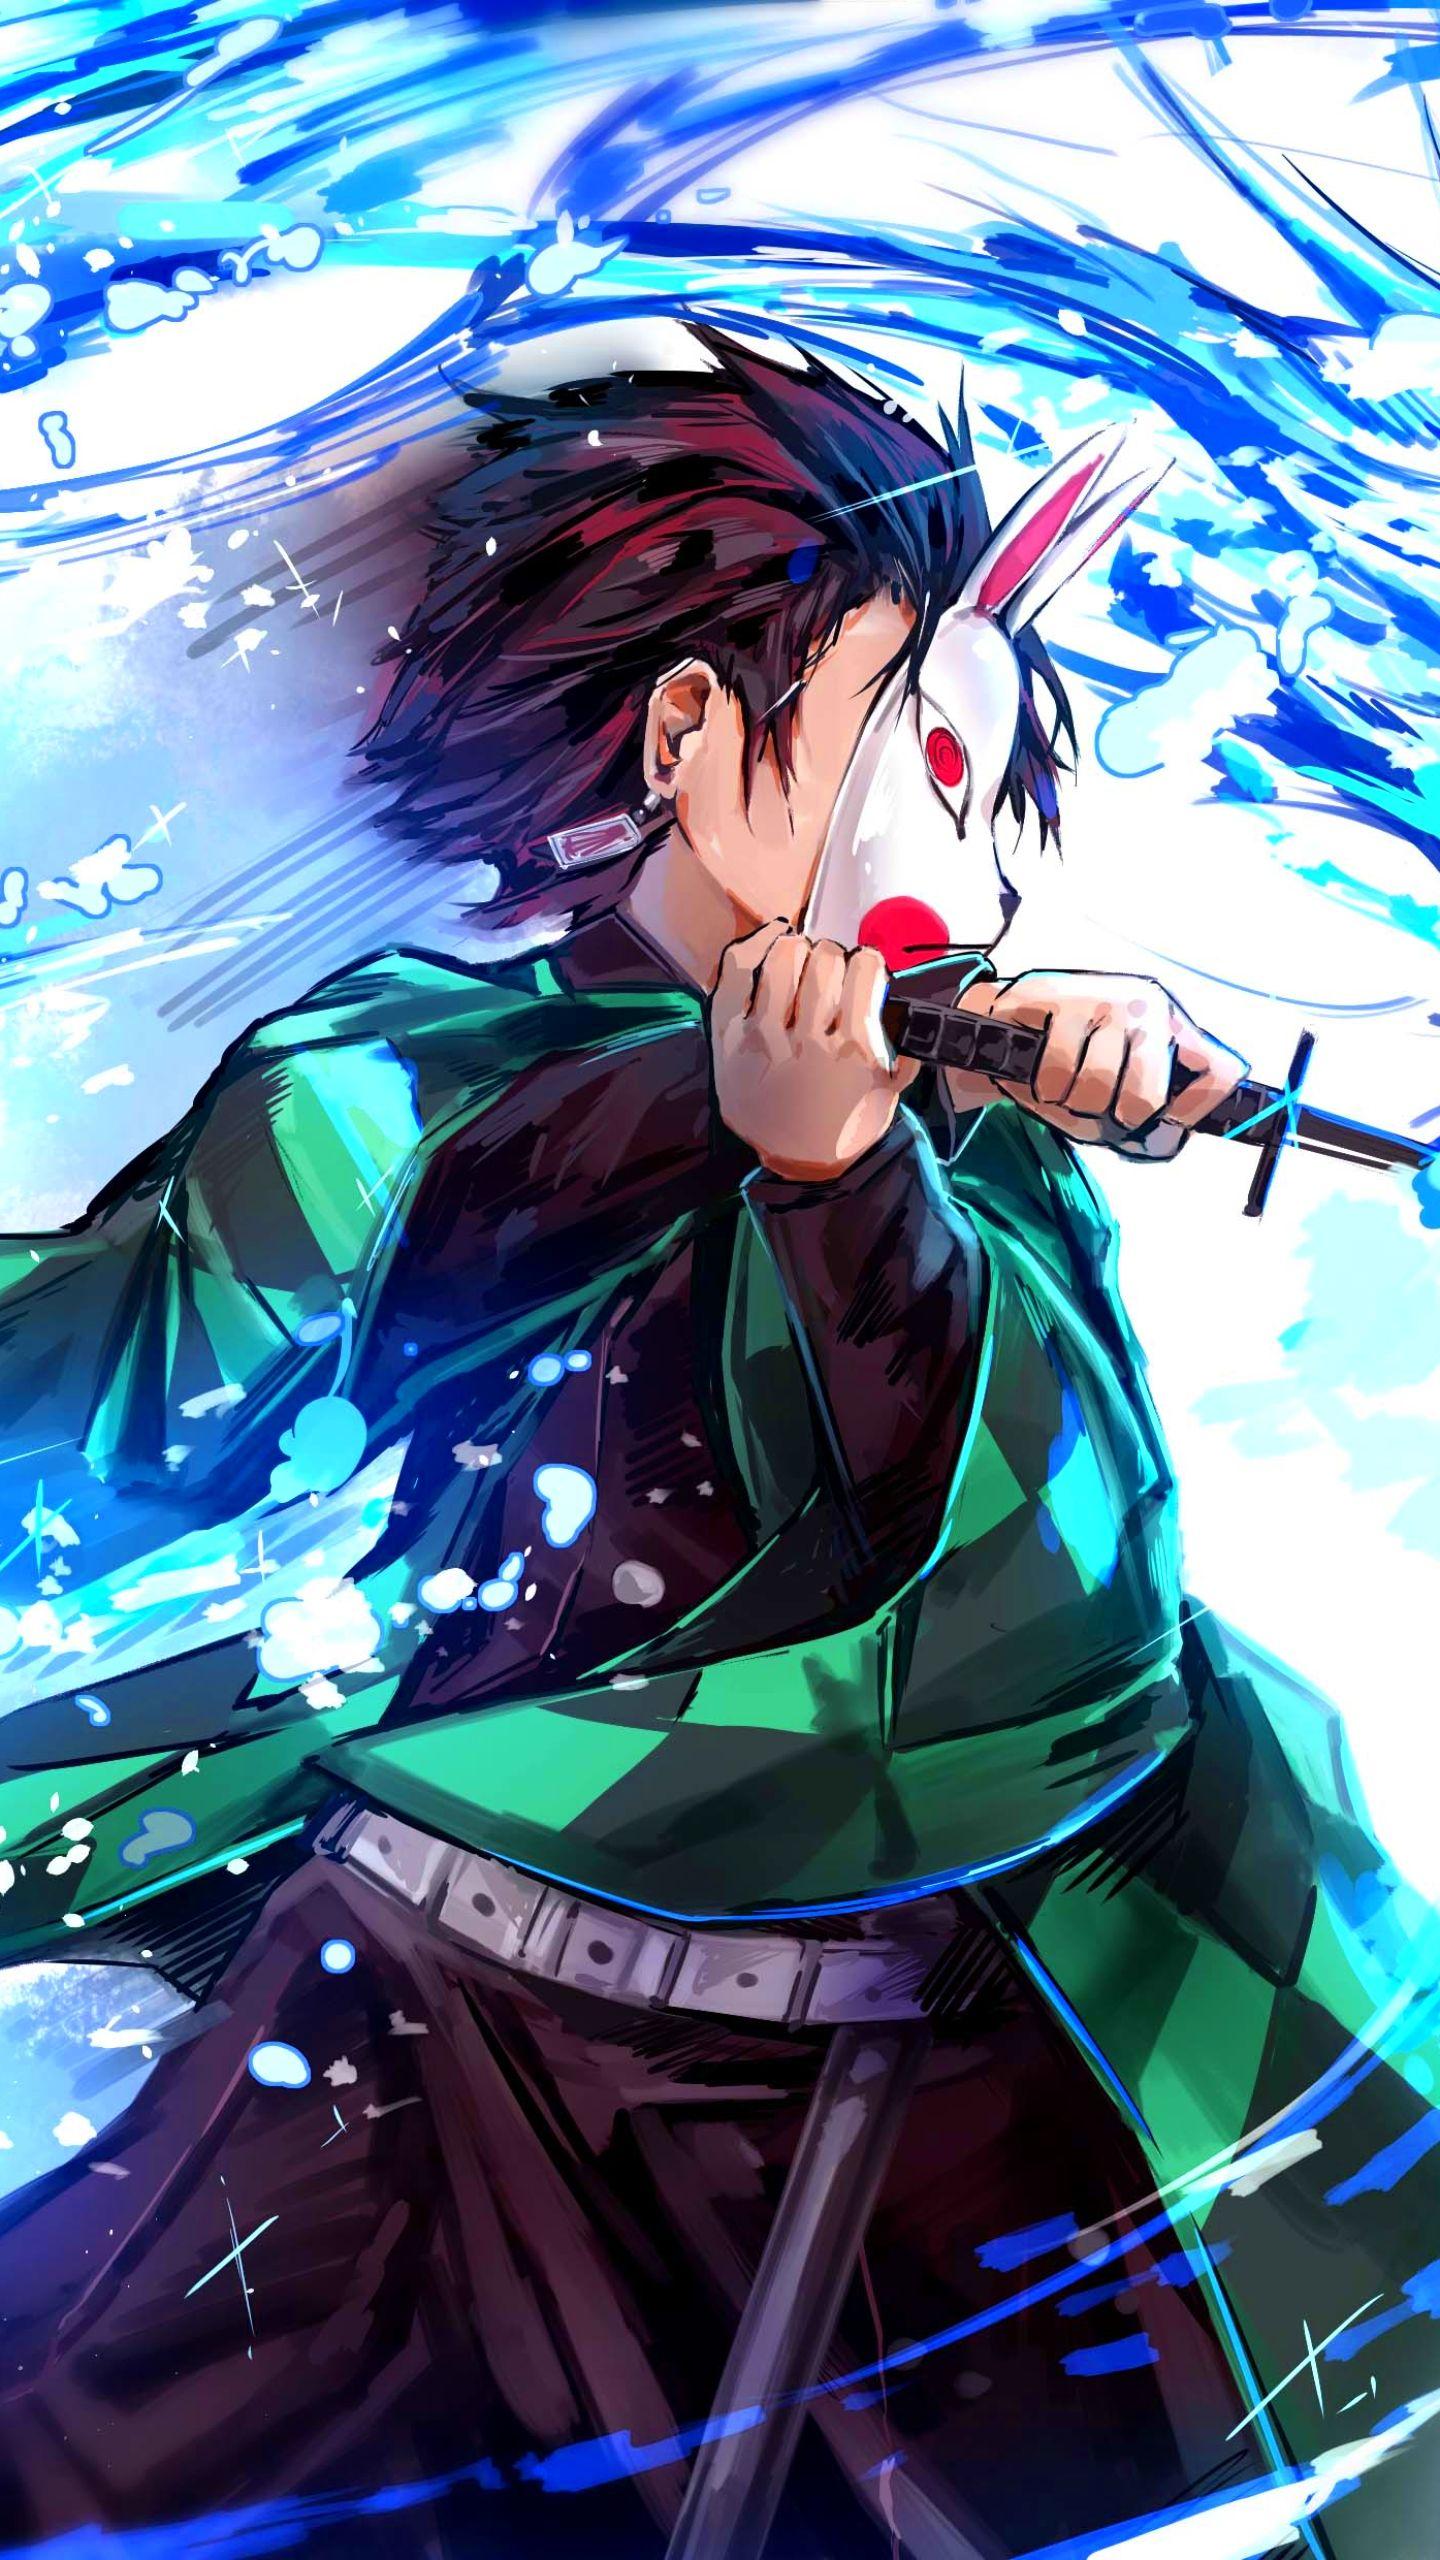 Demon Slayer Kimetsu no Yaiba Desenhos de anime